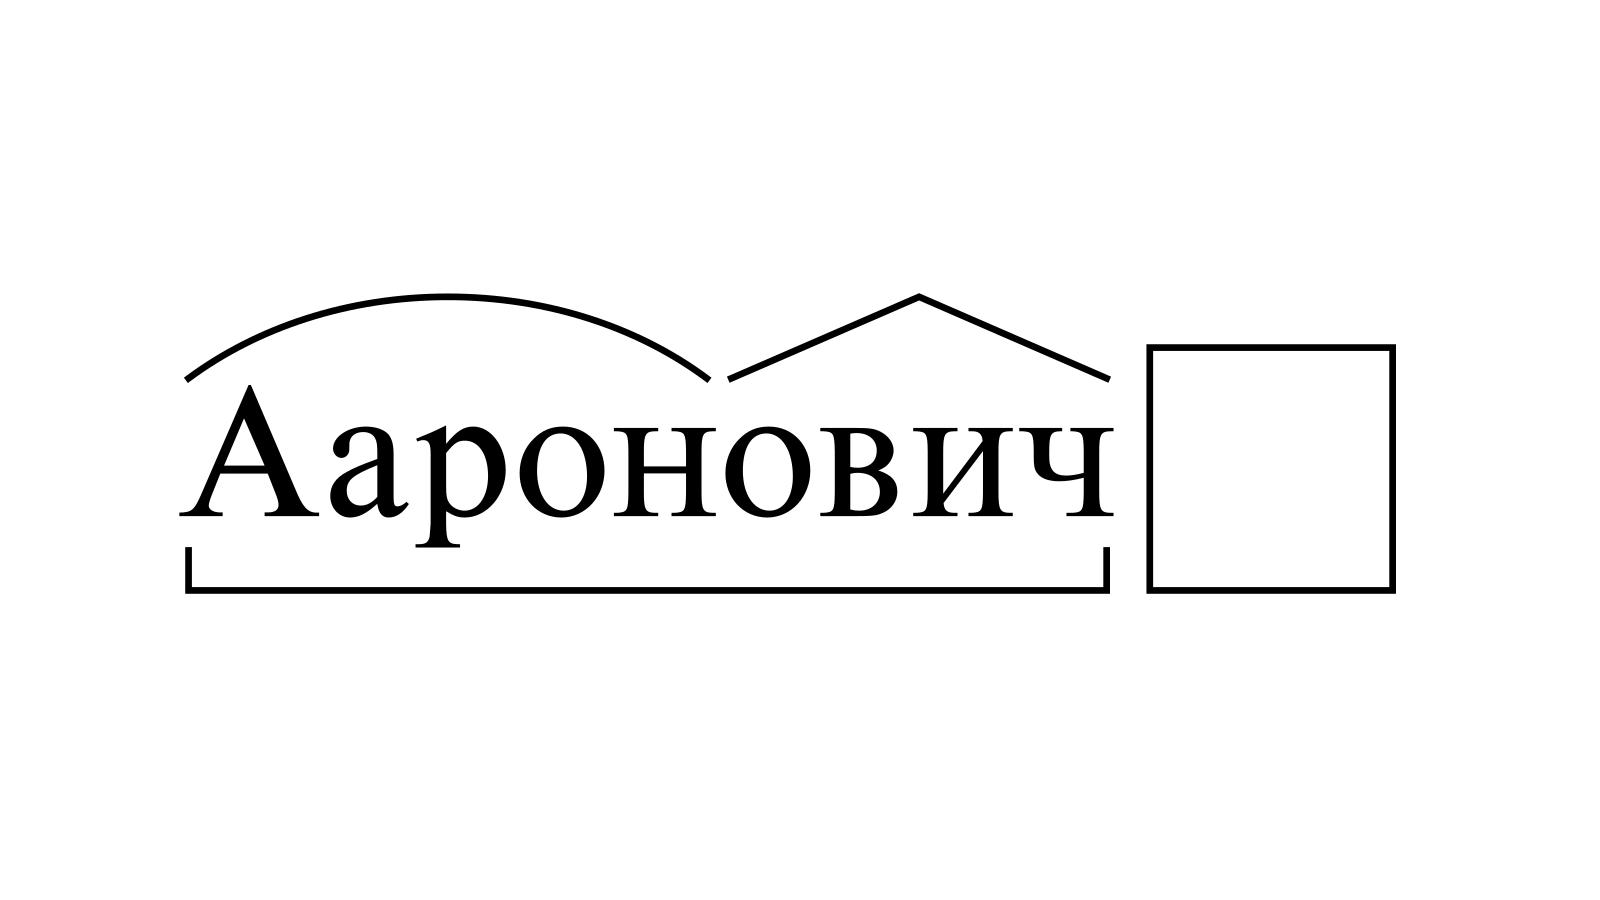 Разбор слова «Ааронович» по составу